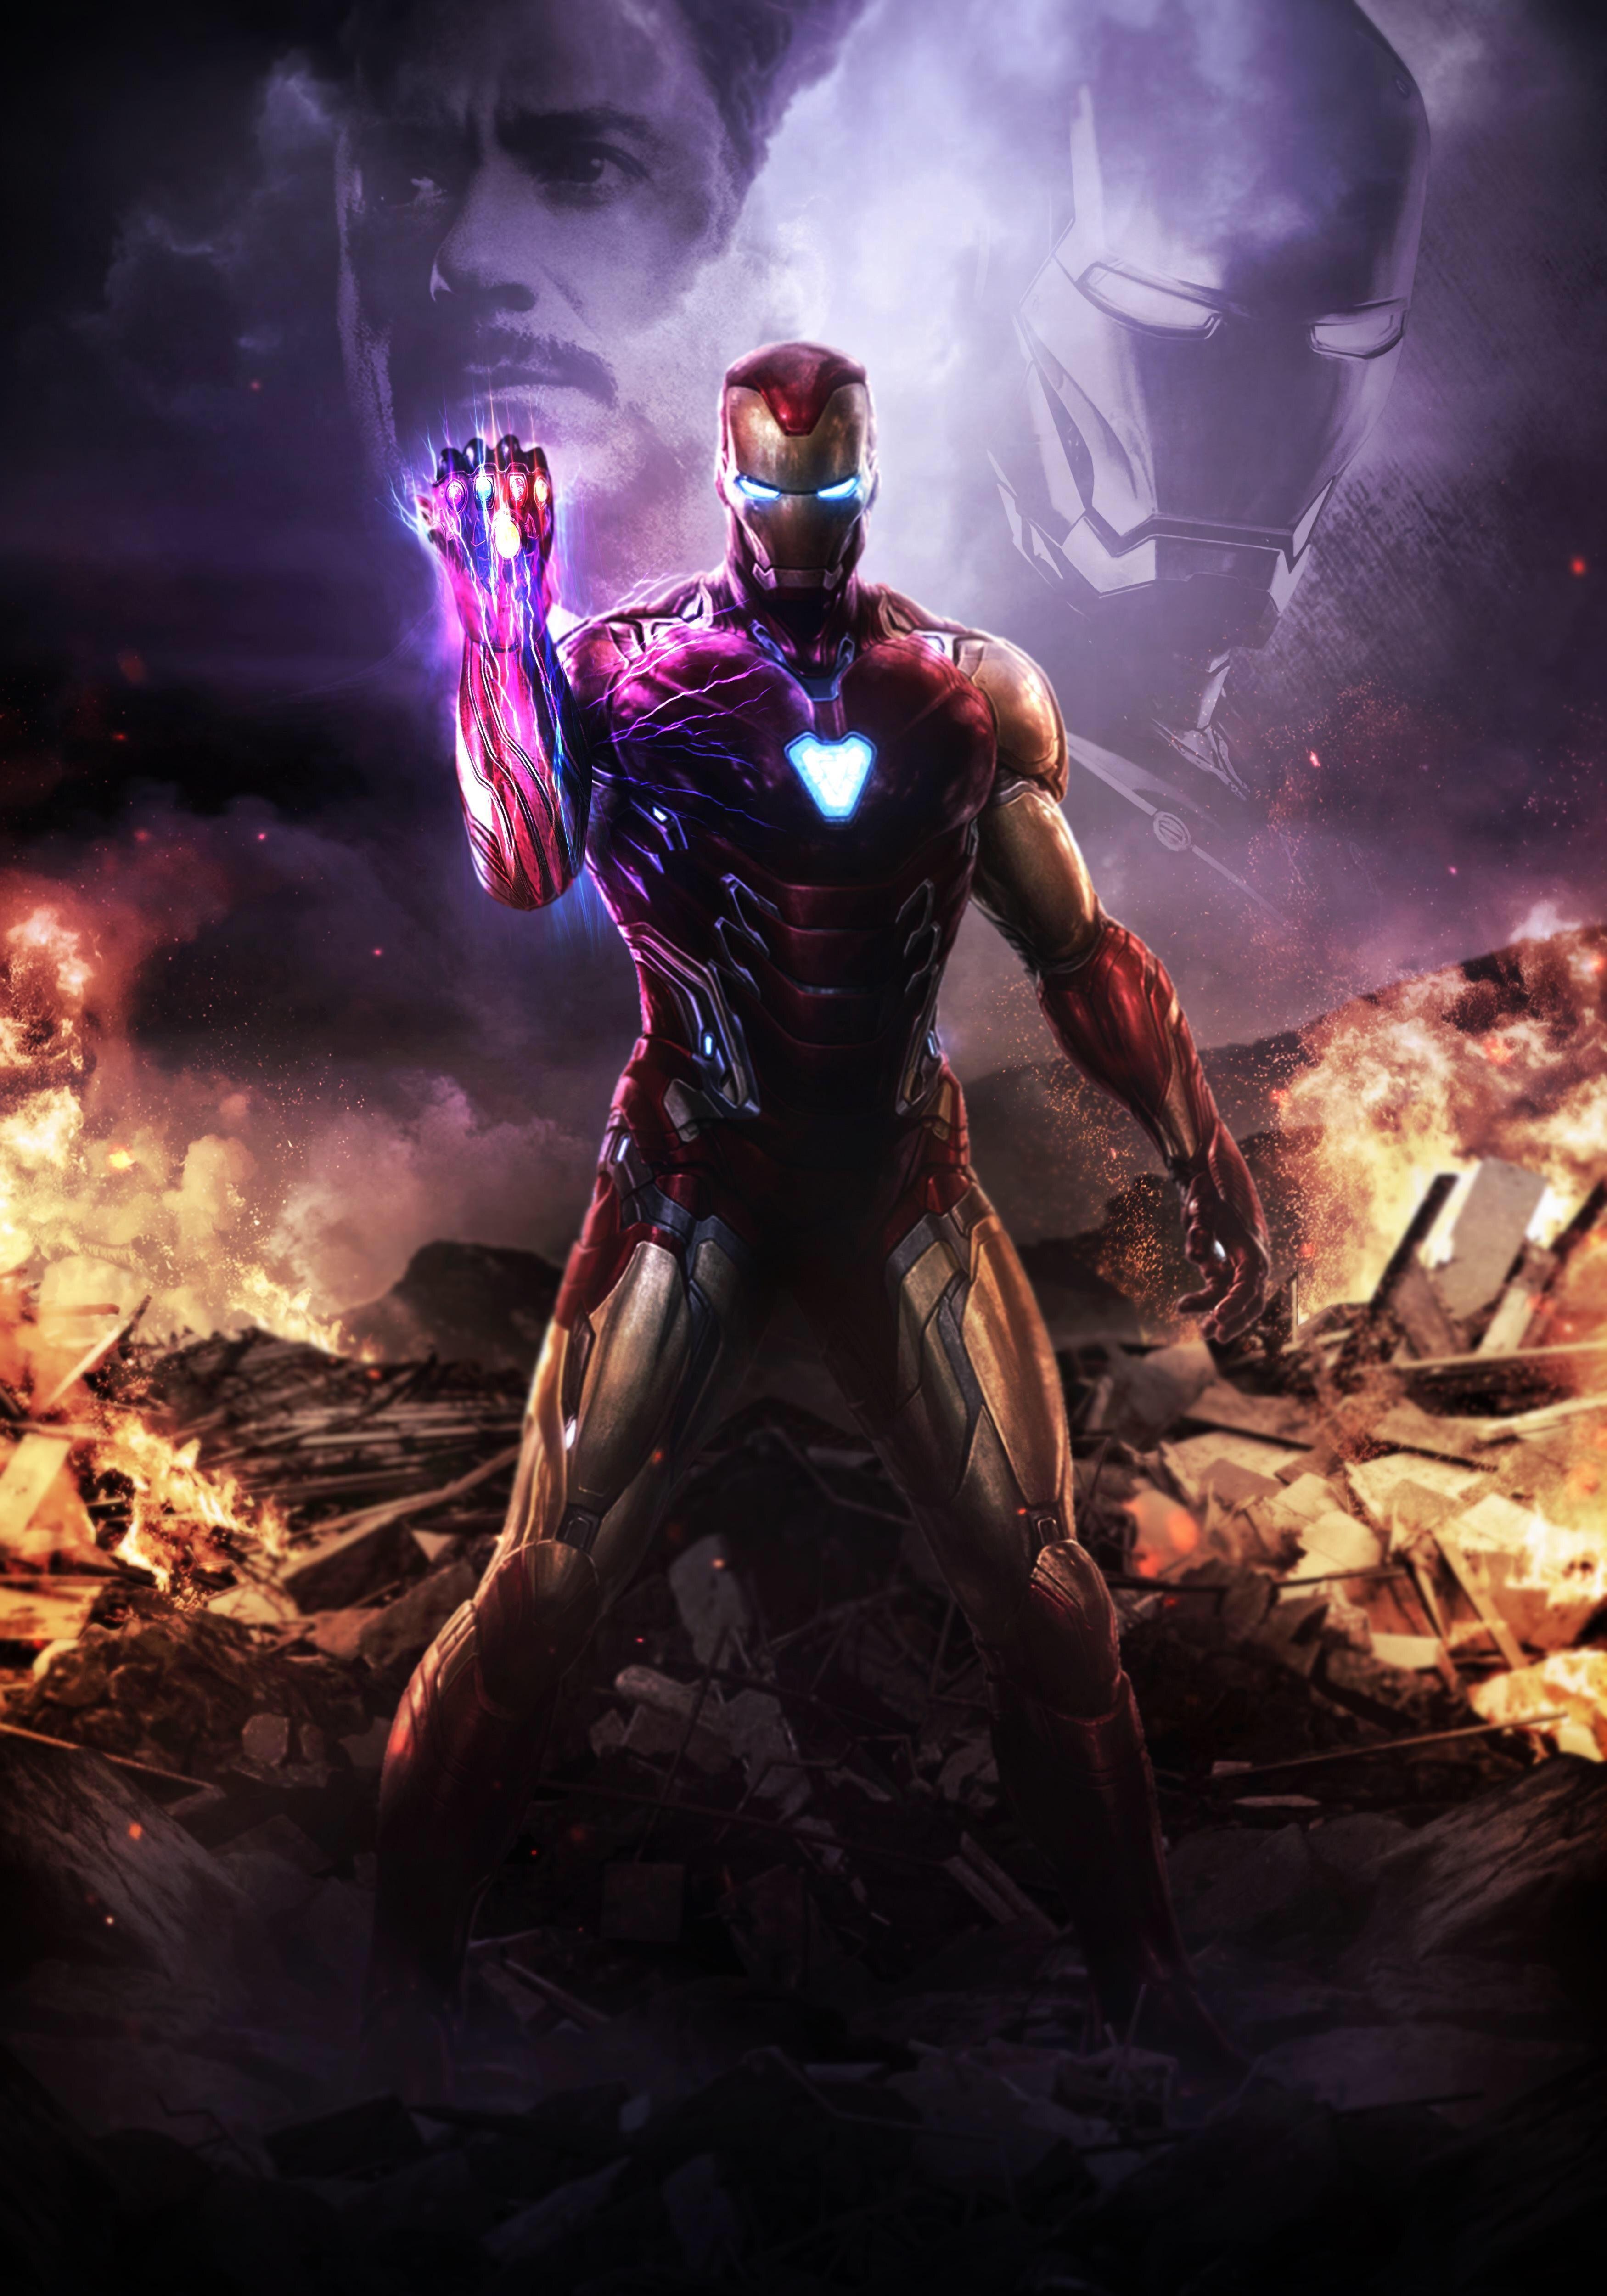 We Love U 3000 Ironman Tonystark Avengers Avengersendgame Marvel Mcu Marvelwallpaper Endgame Infini Iron Man Avengers Marvel Iron Man Iron Man Photos